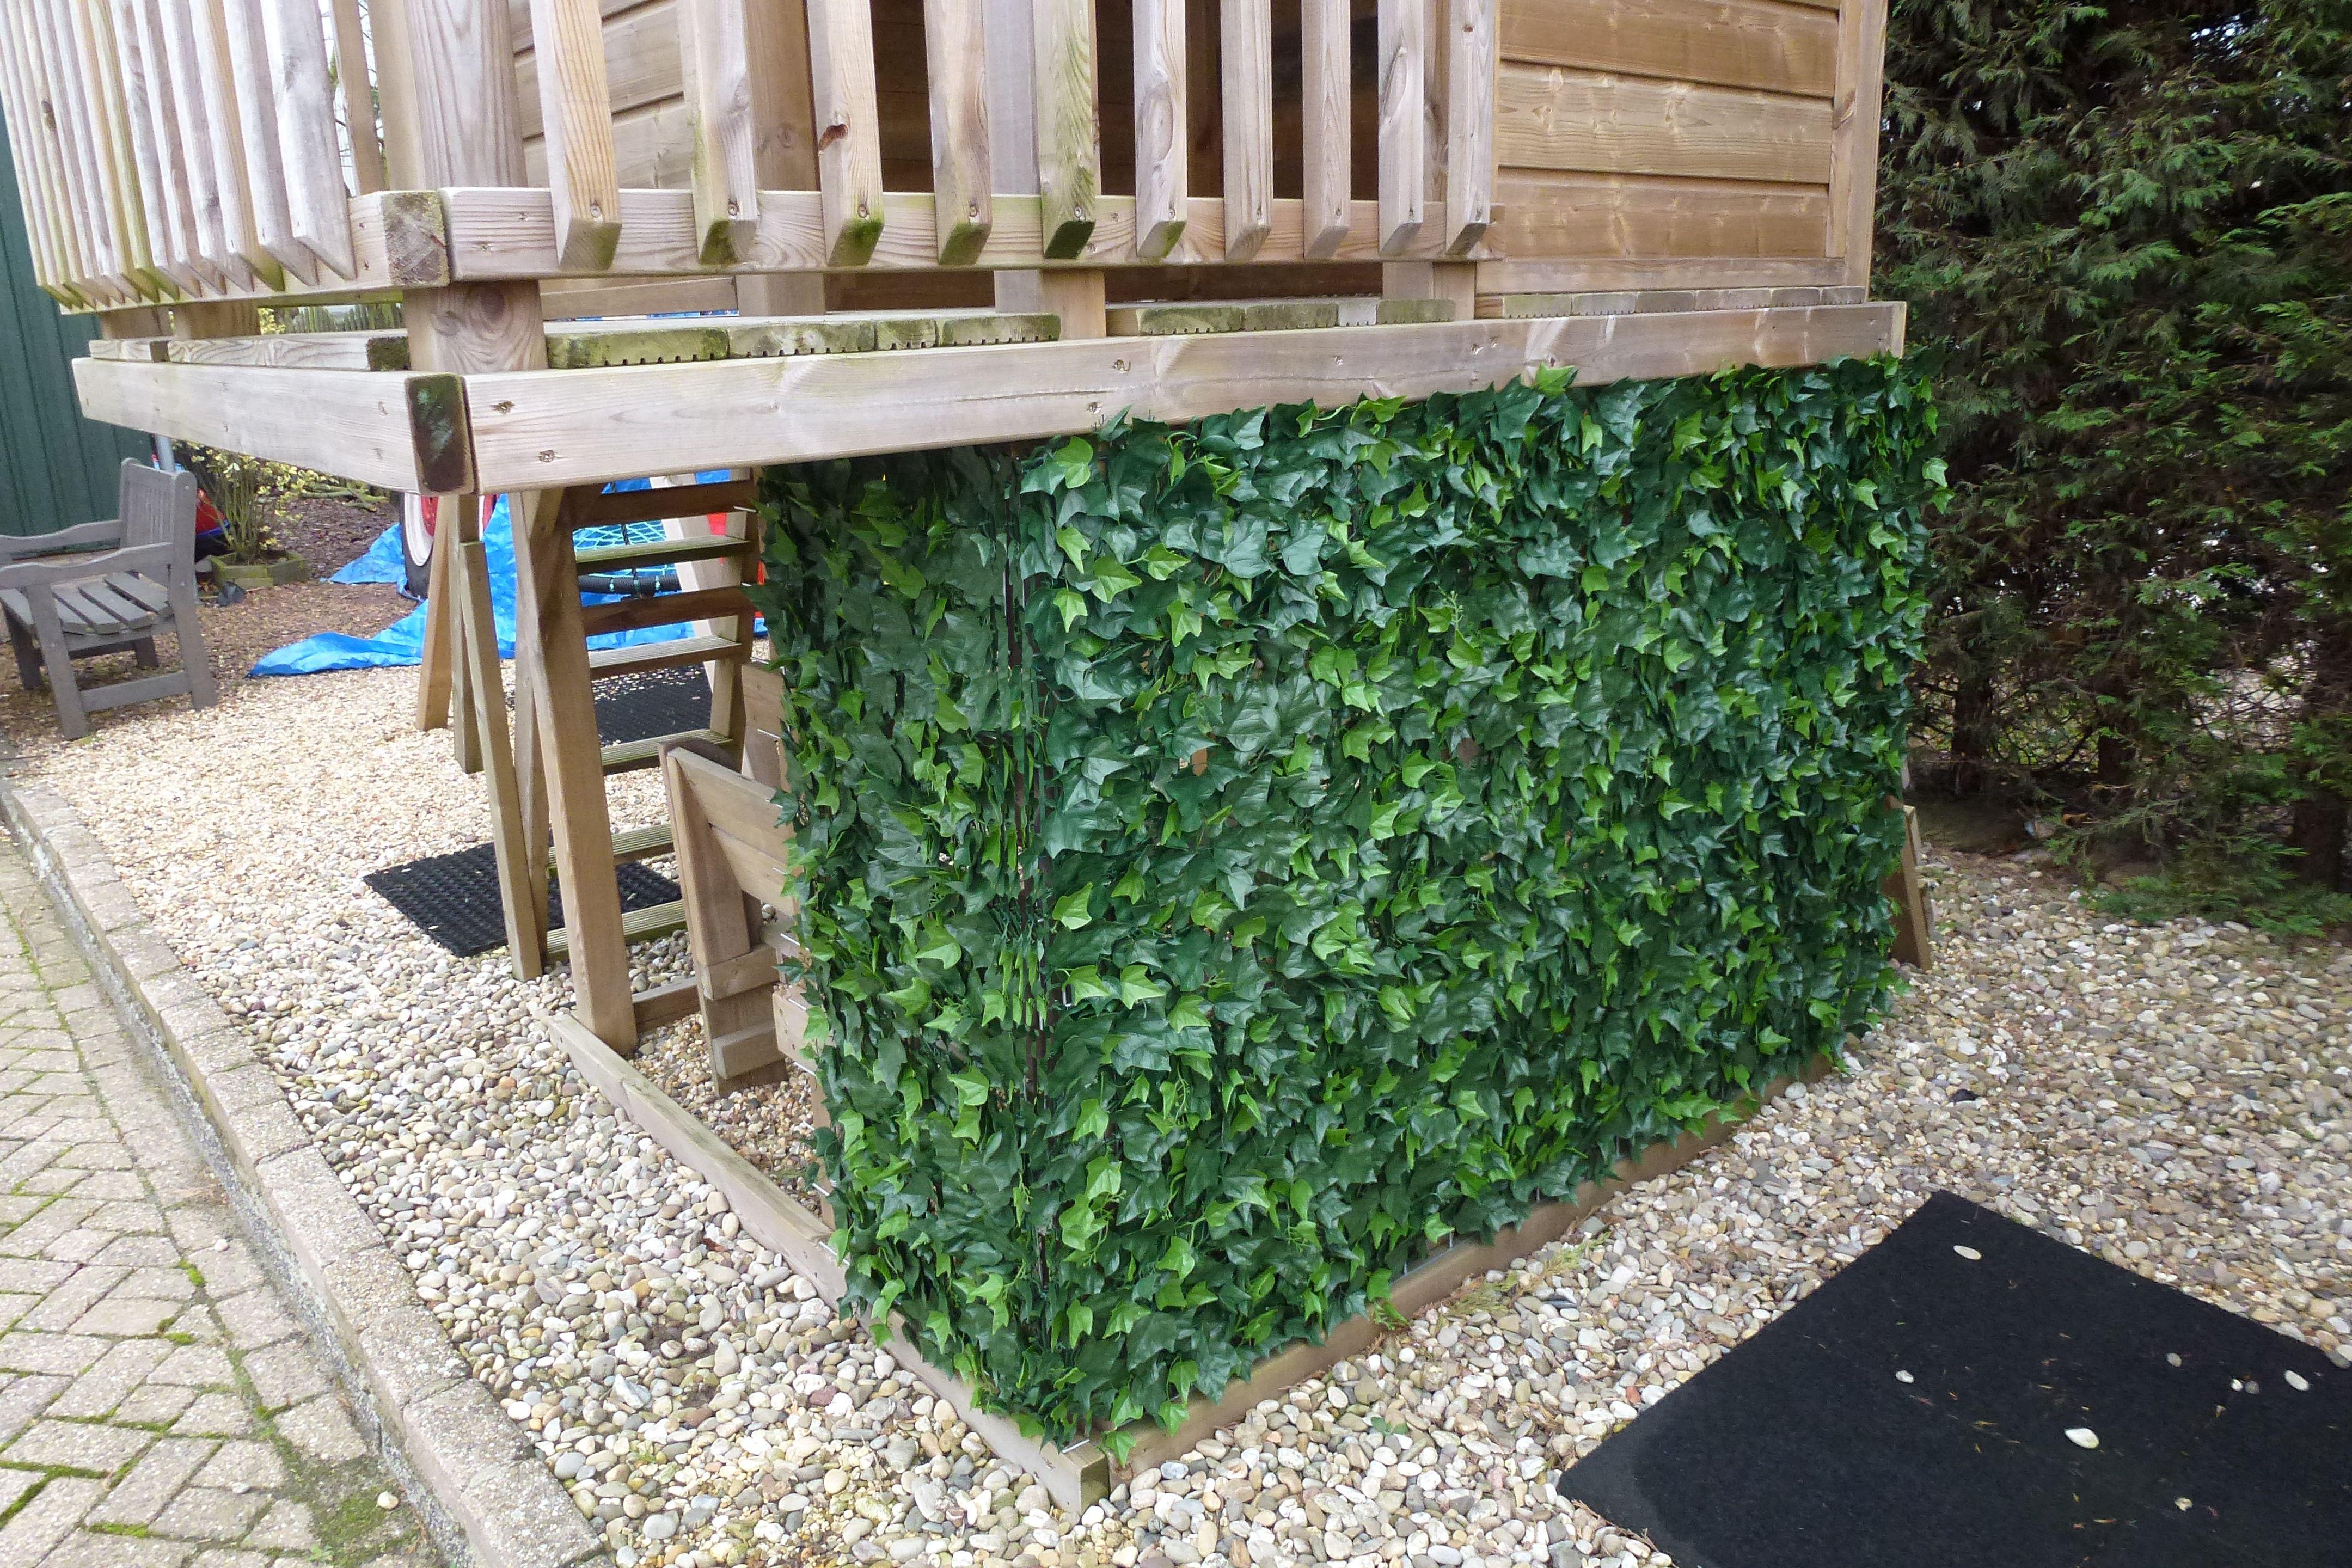 Maak van de speeltoren een boomhut met kunsthaag van